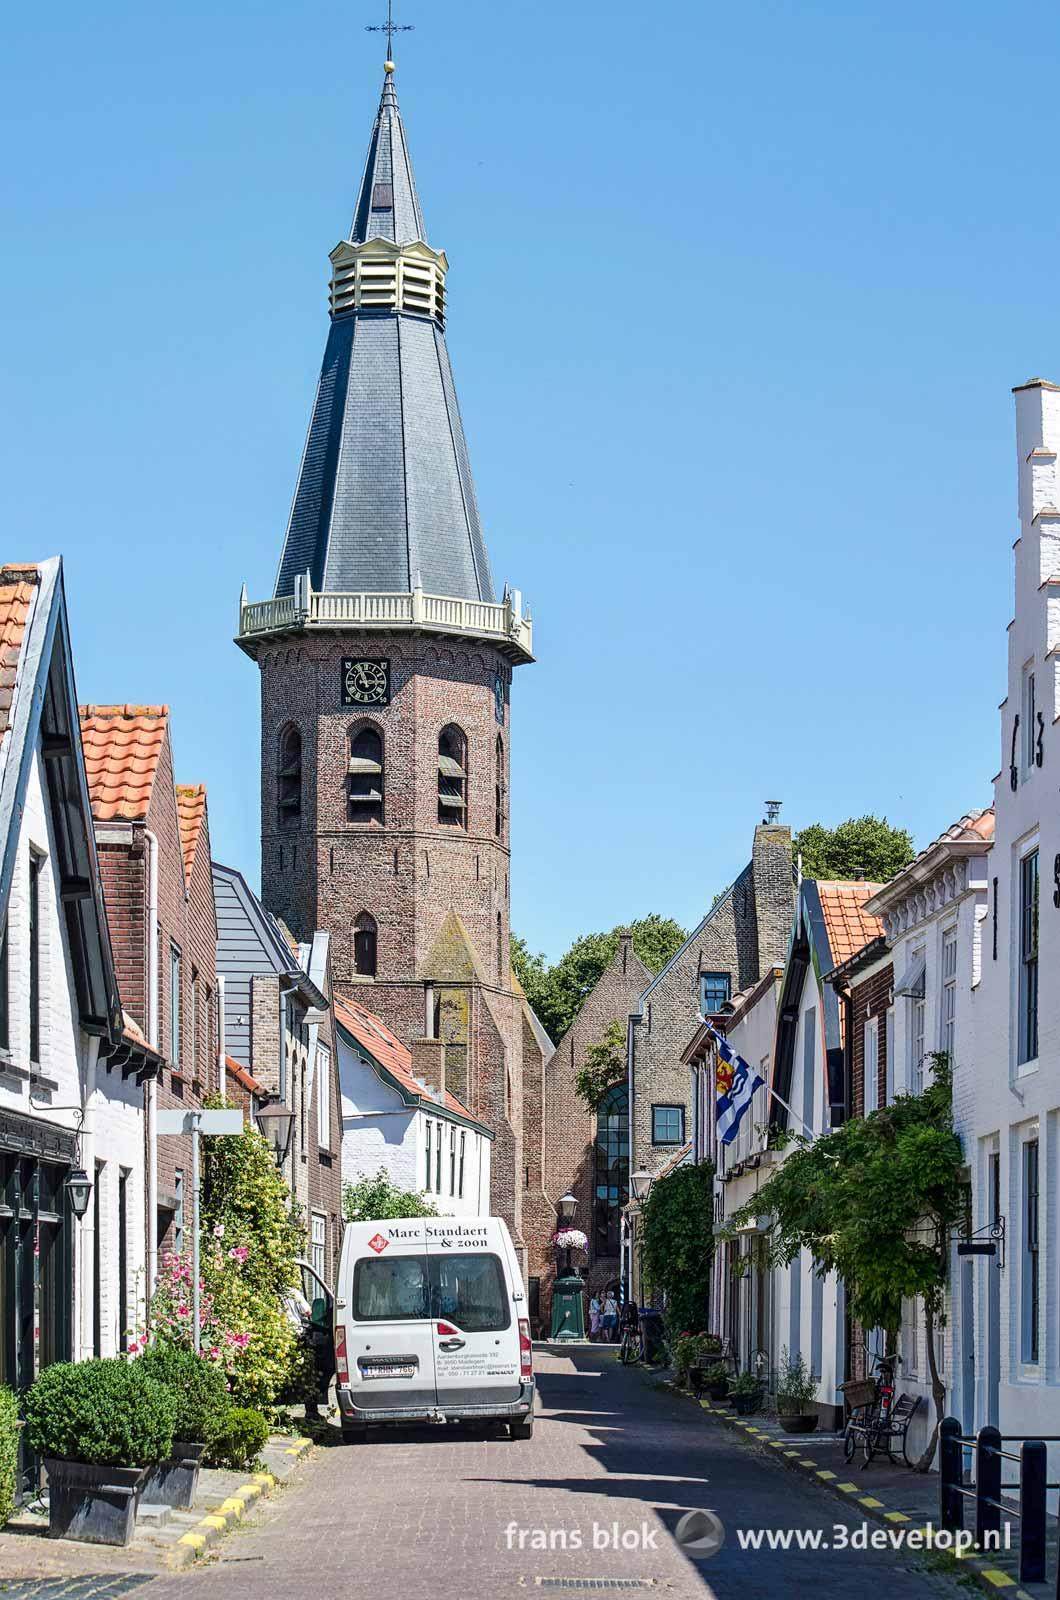 Straatje leidend naar de kerk in Groede in Zeeuws Vlaanderen met een witte bestelbus ontsierend midden in het beeld